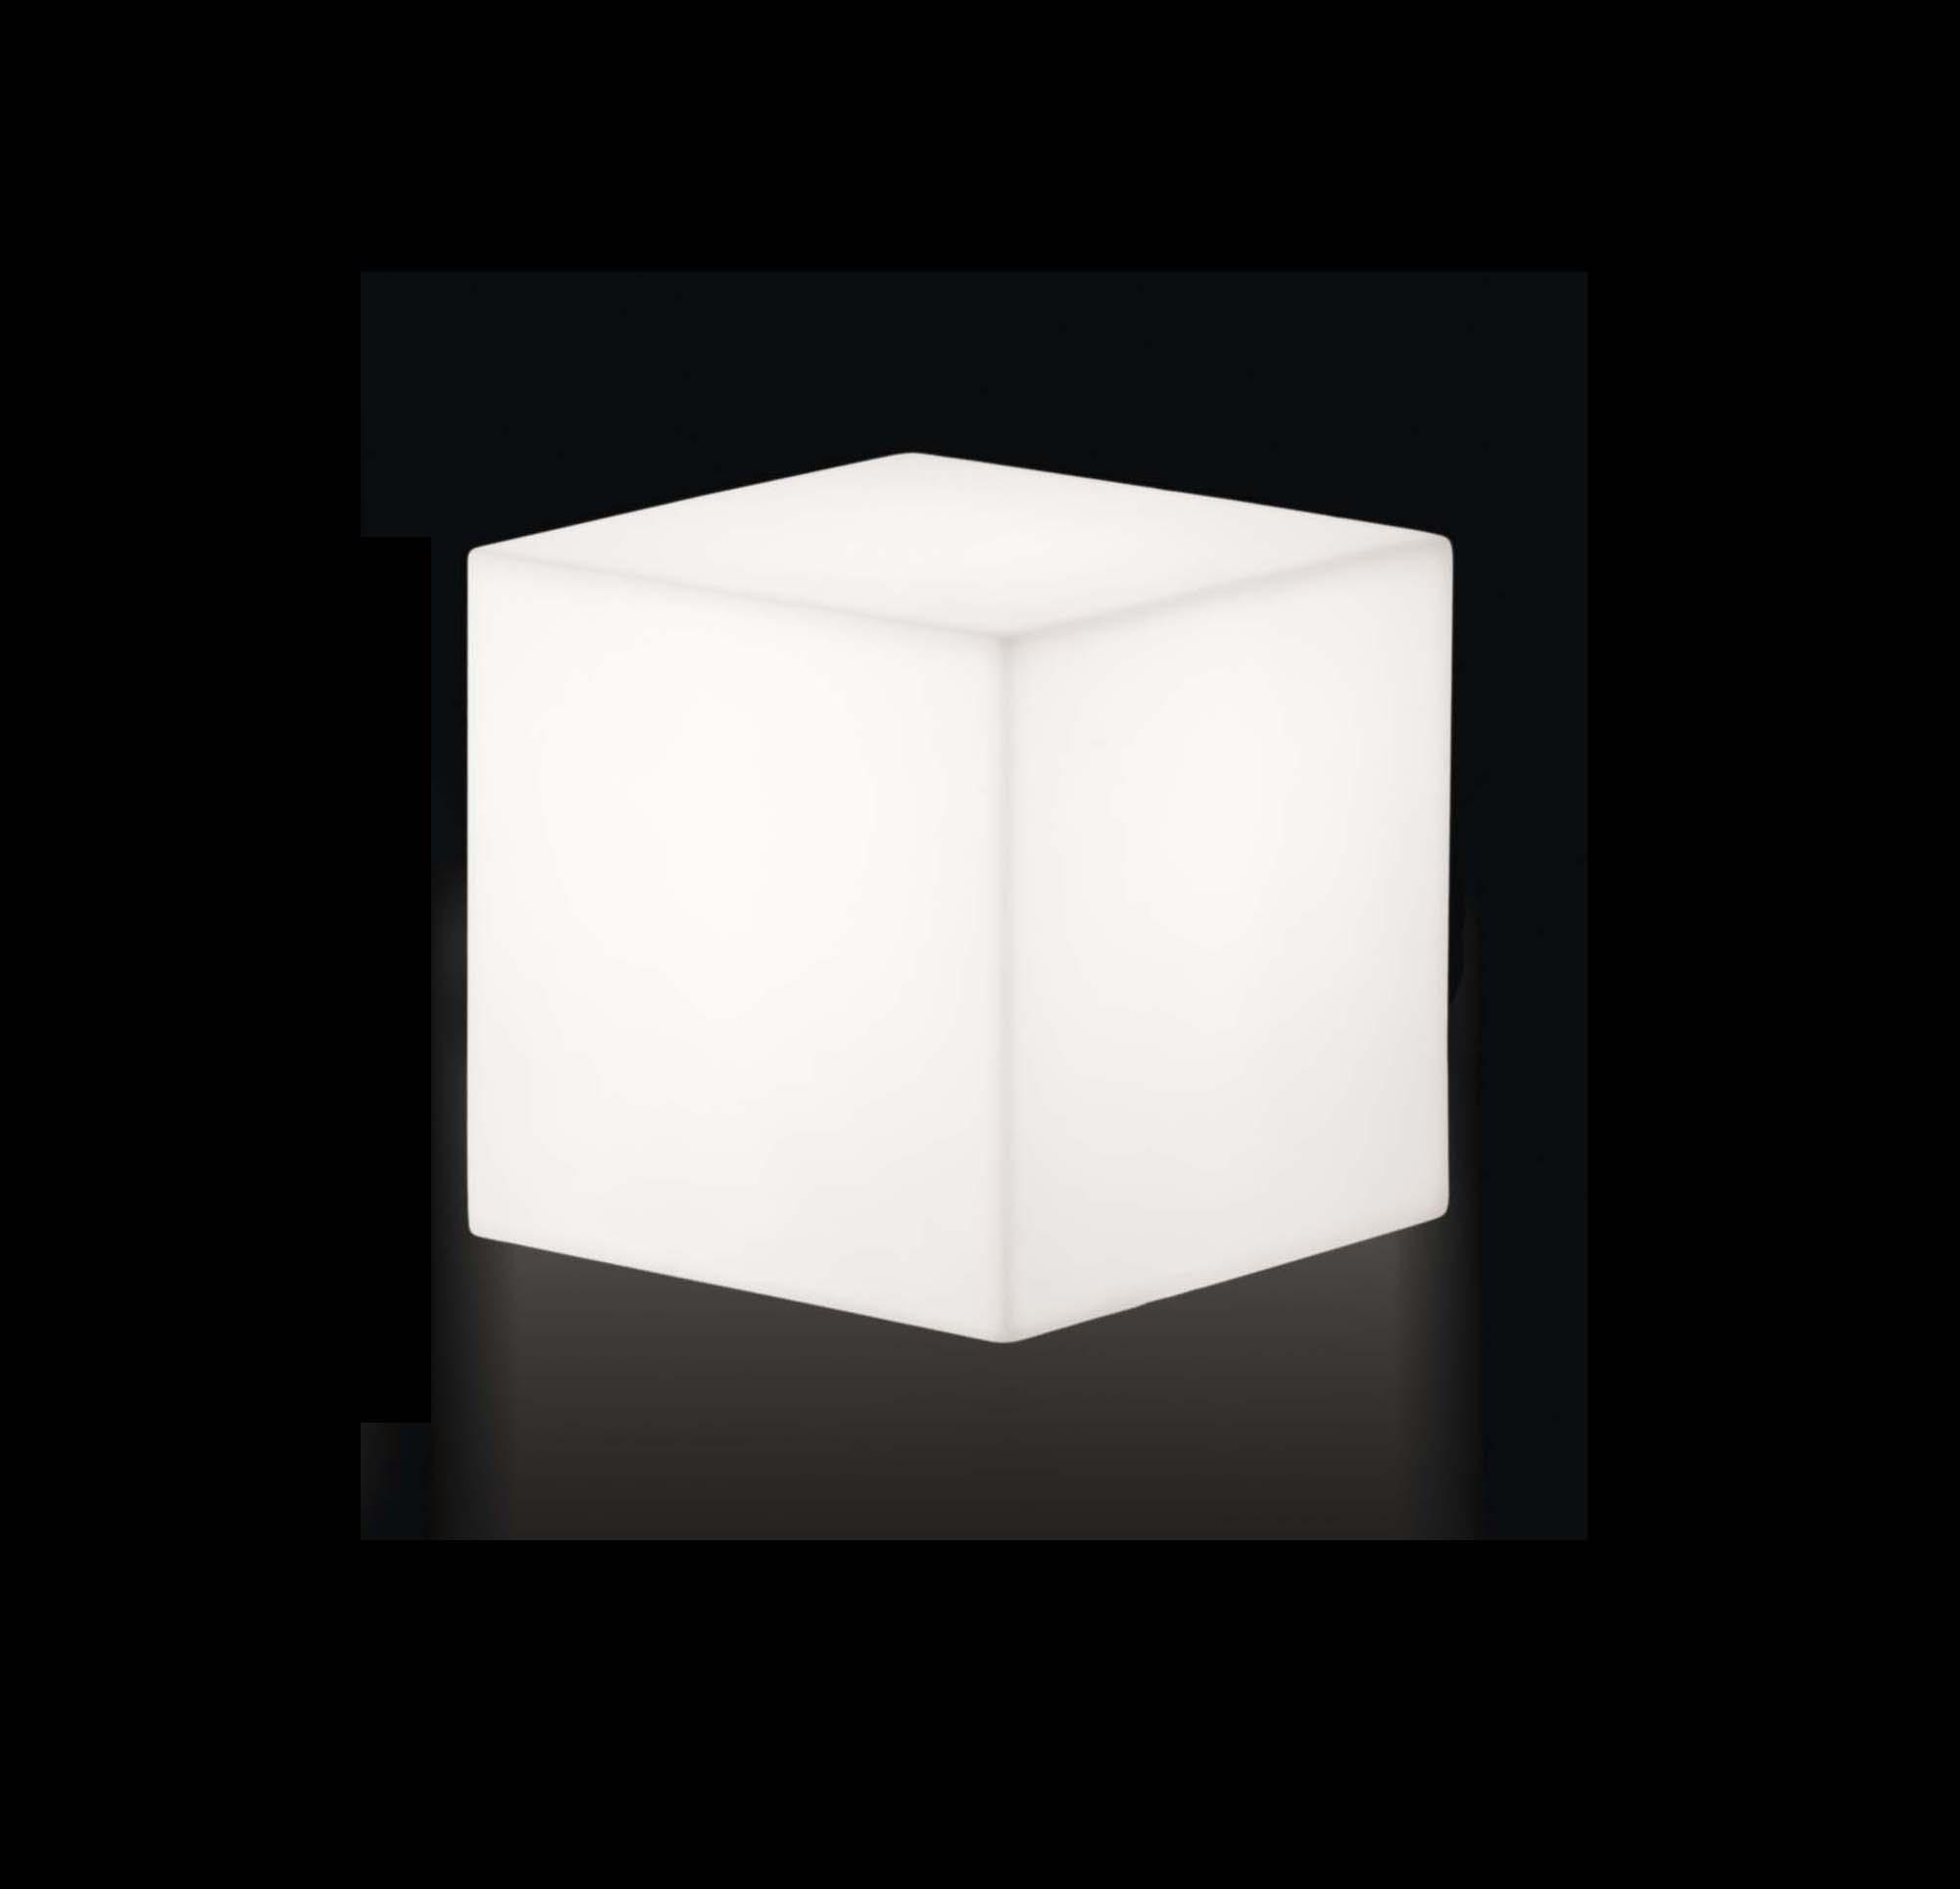 slide cubo 30 leuchtwürfel optionale beleuchtung weiß oder farbig